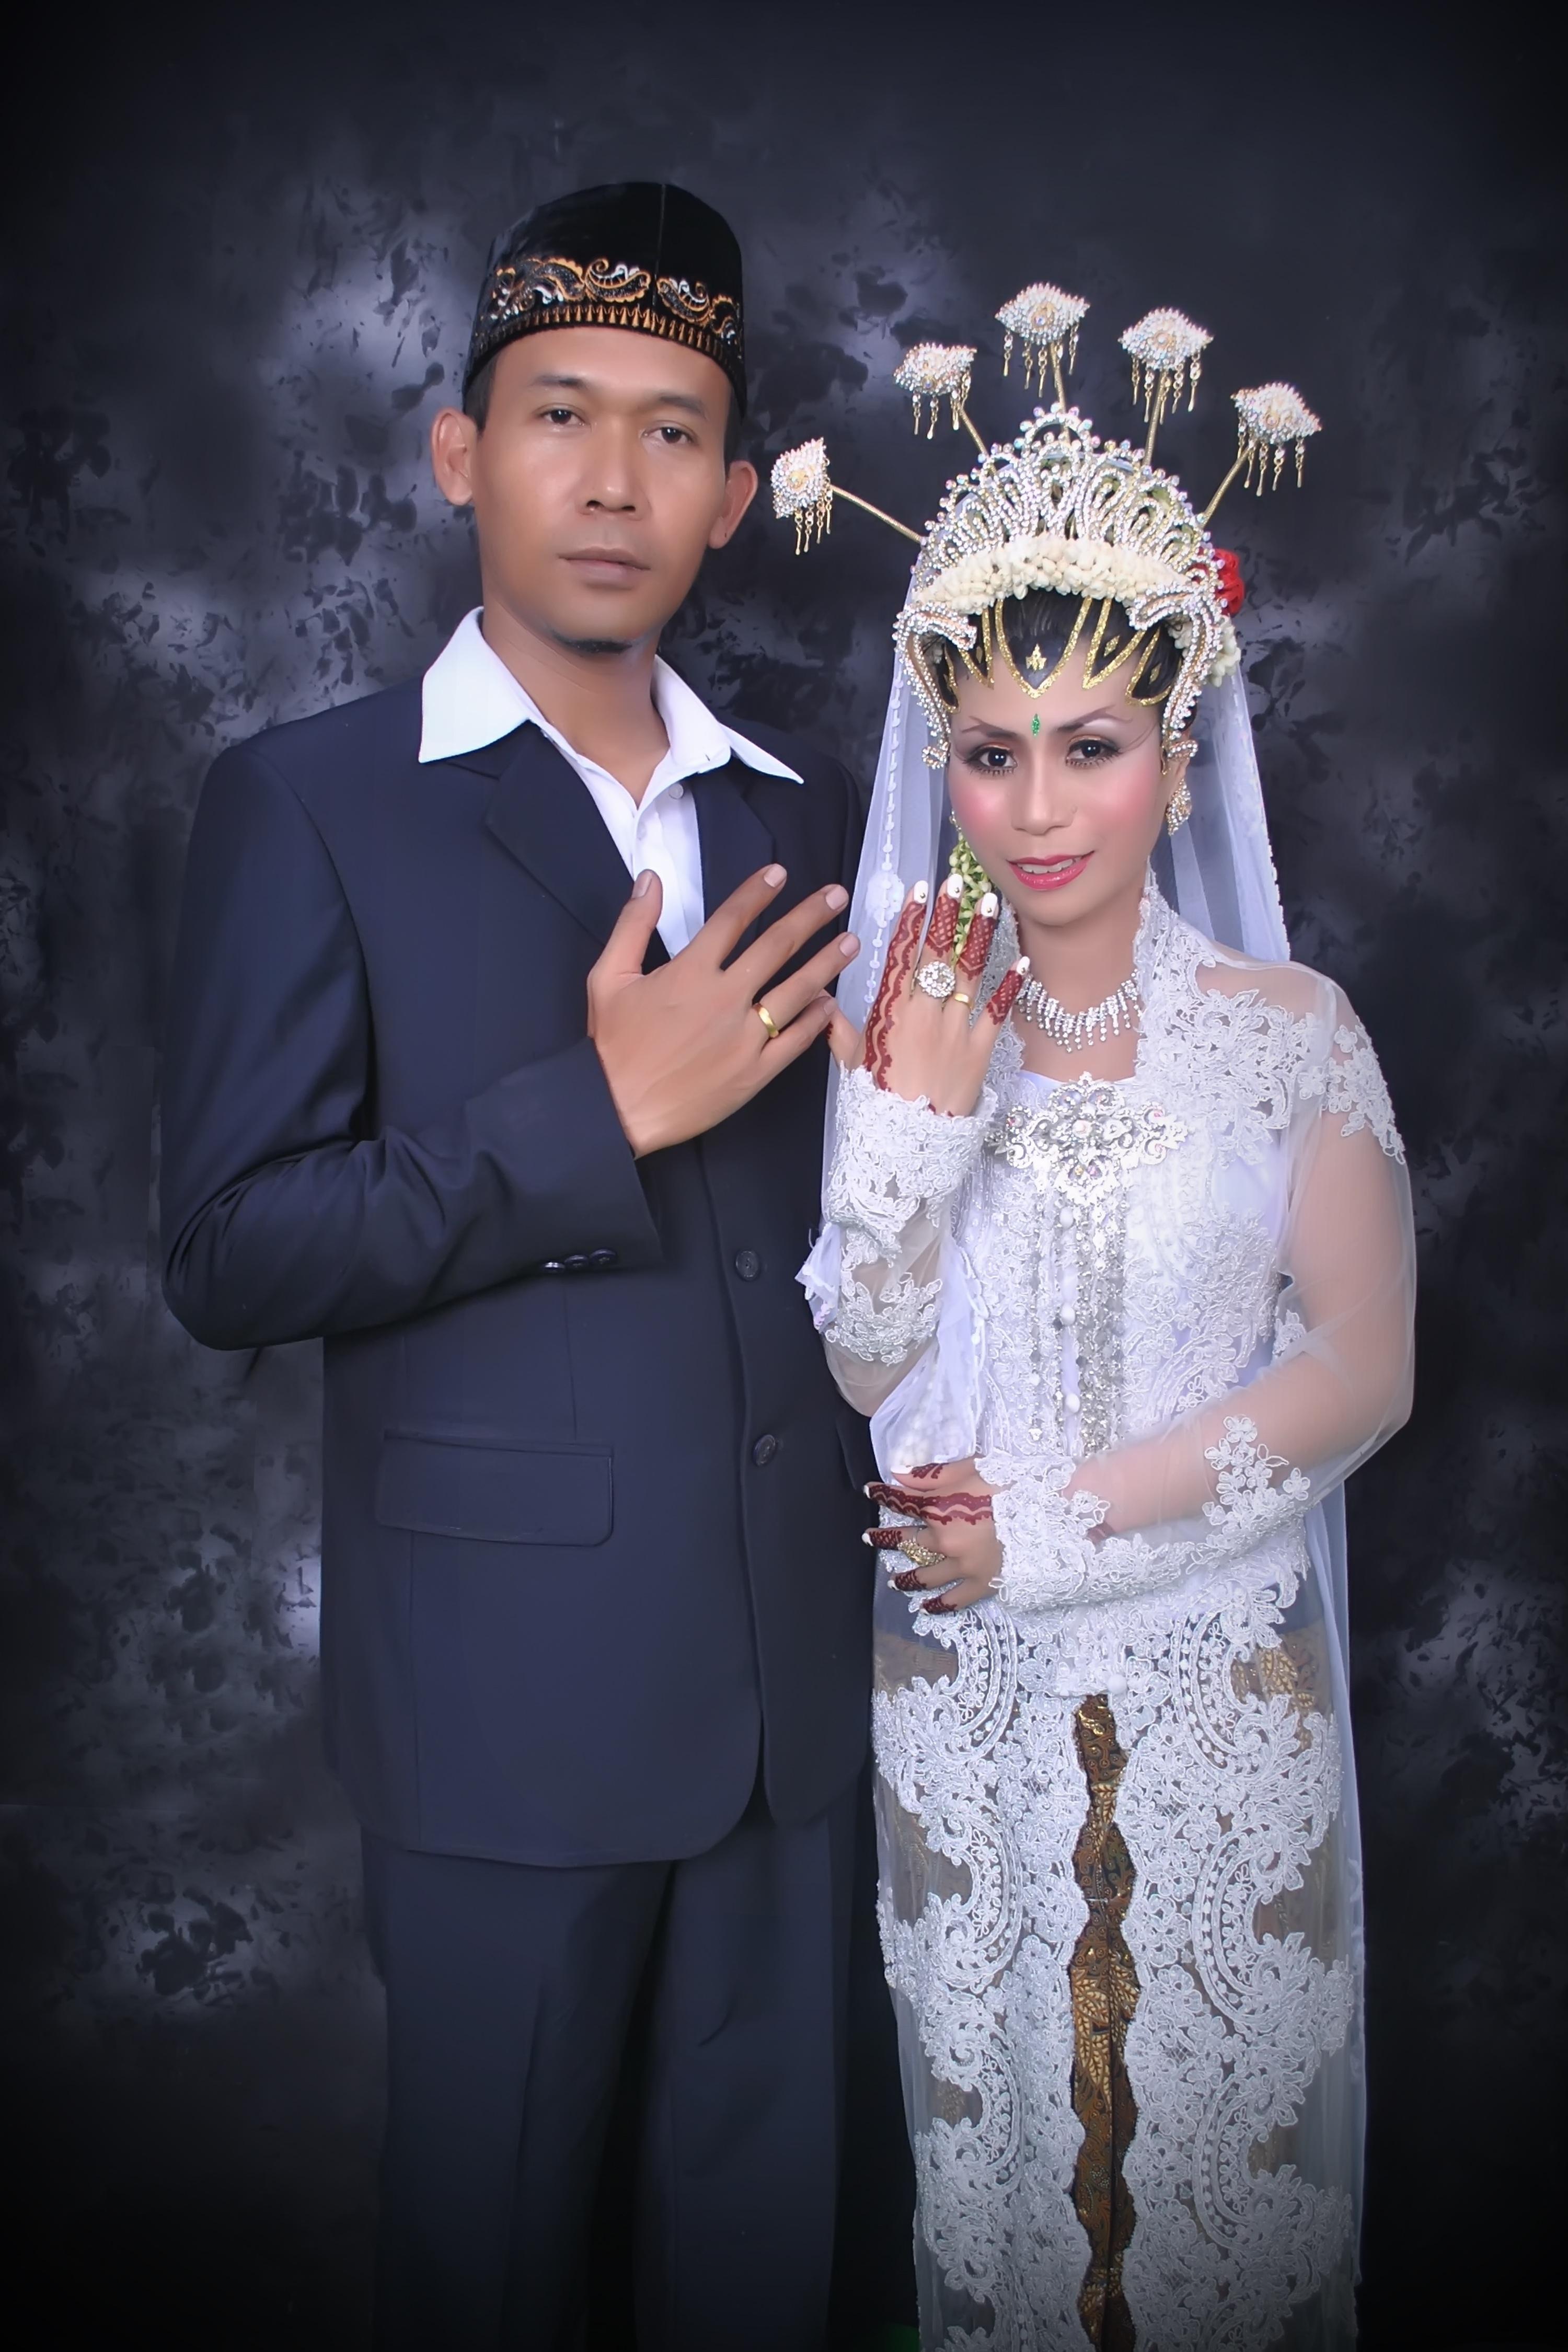 Kostenlose foto : Fotografie, Liebe, zusammen, Hochzeit, Braut ...